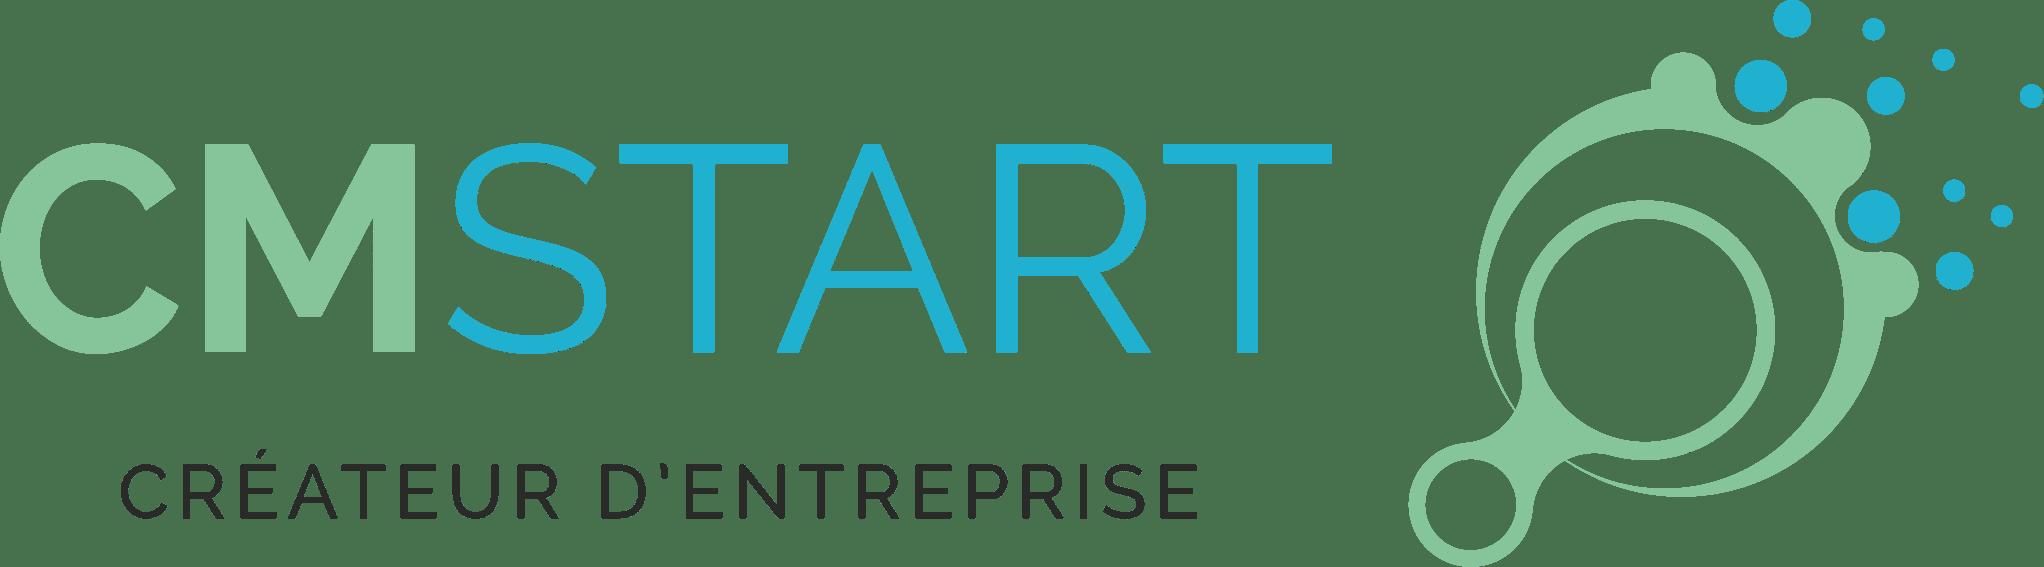 CMSTART : Création d'entreprise en Alsace à Colmar dans le Grand Est